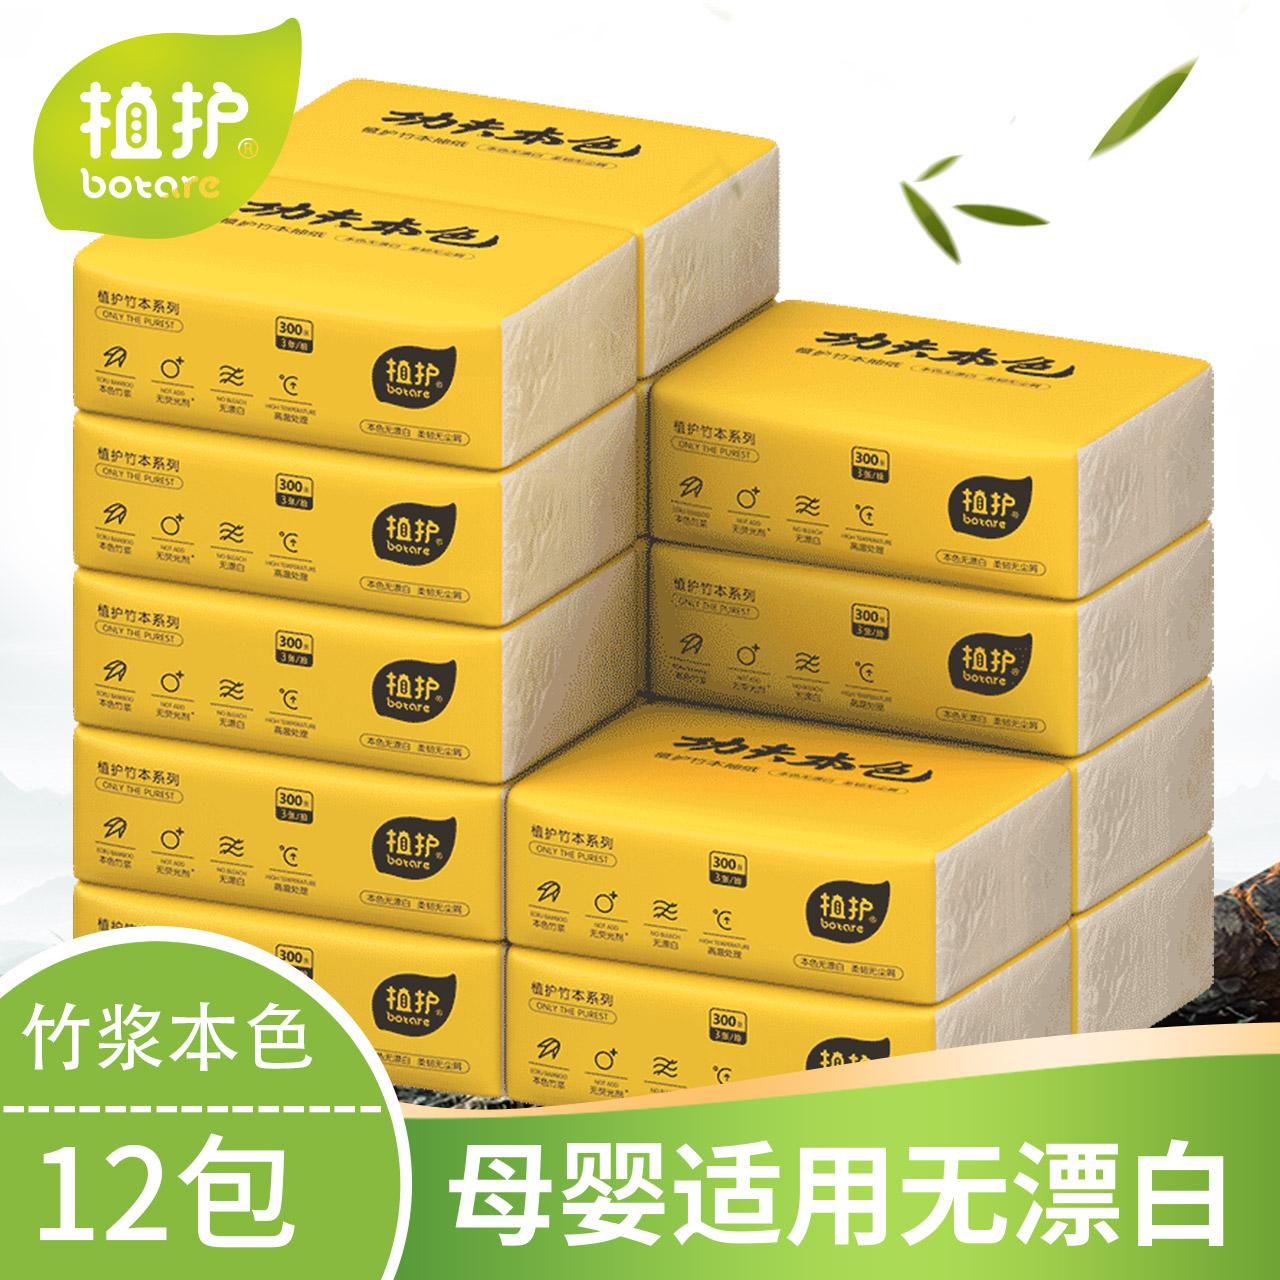 植护竹浆本色抽纸12包家用卫生纸实惠家庭装餐巾纸批发